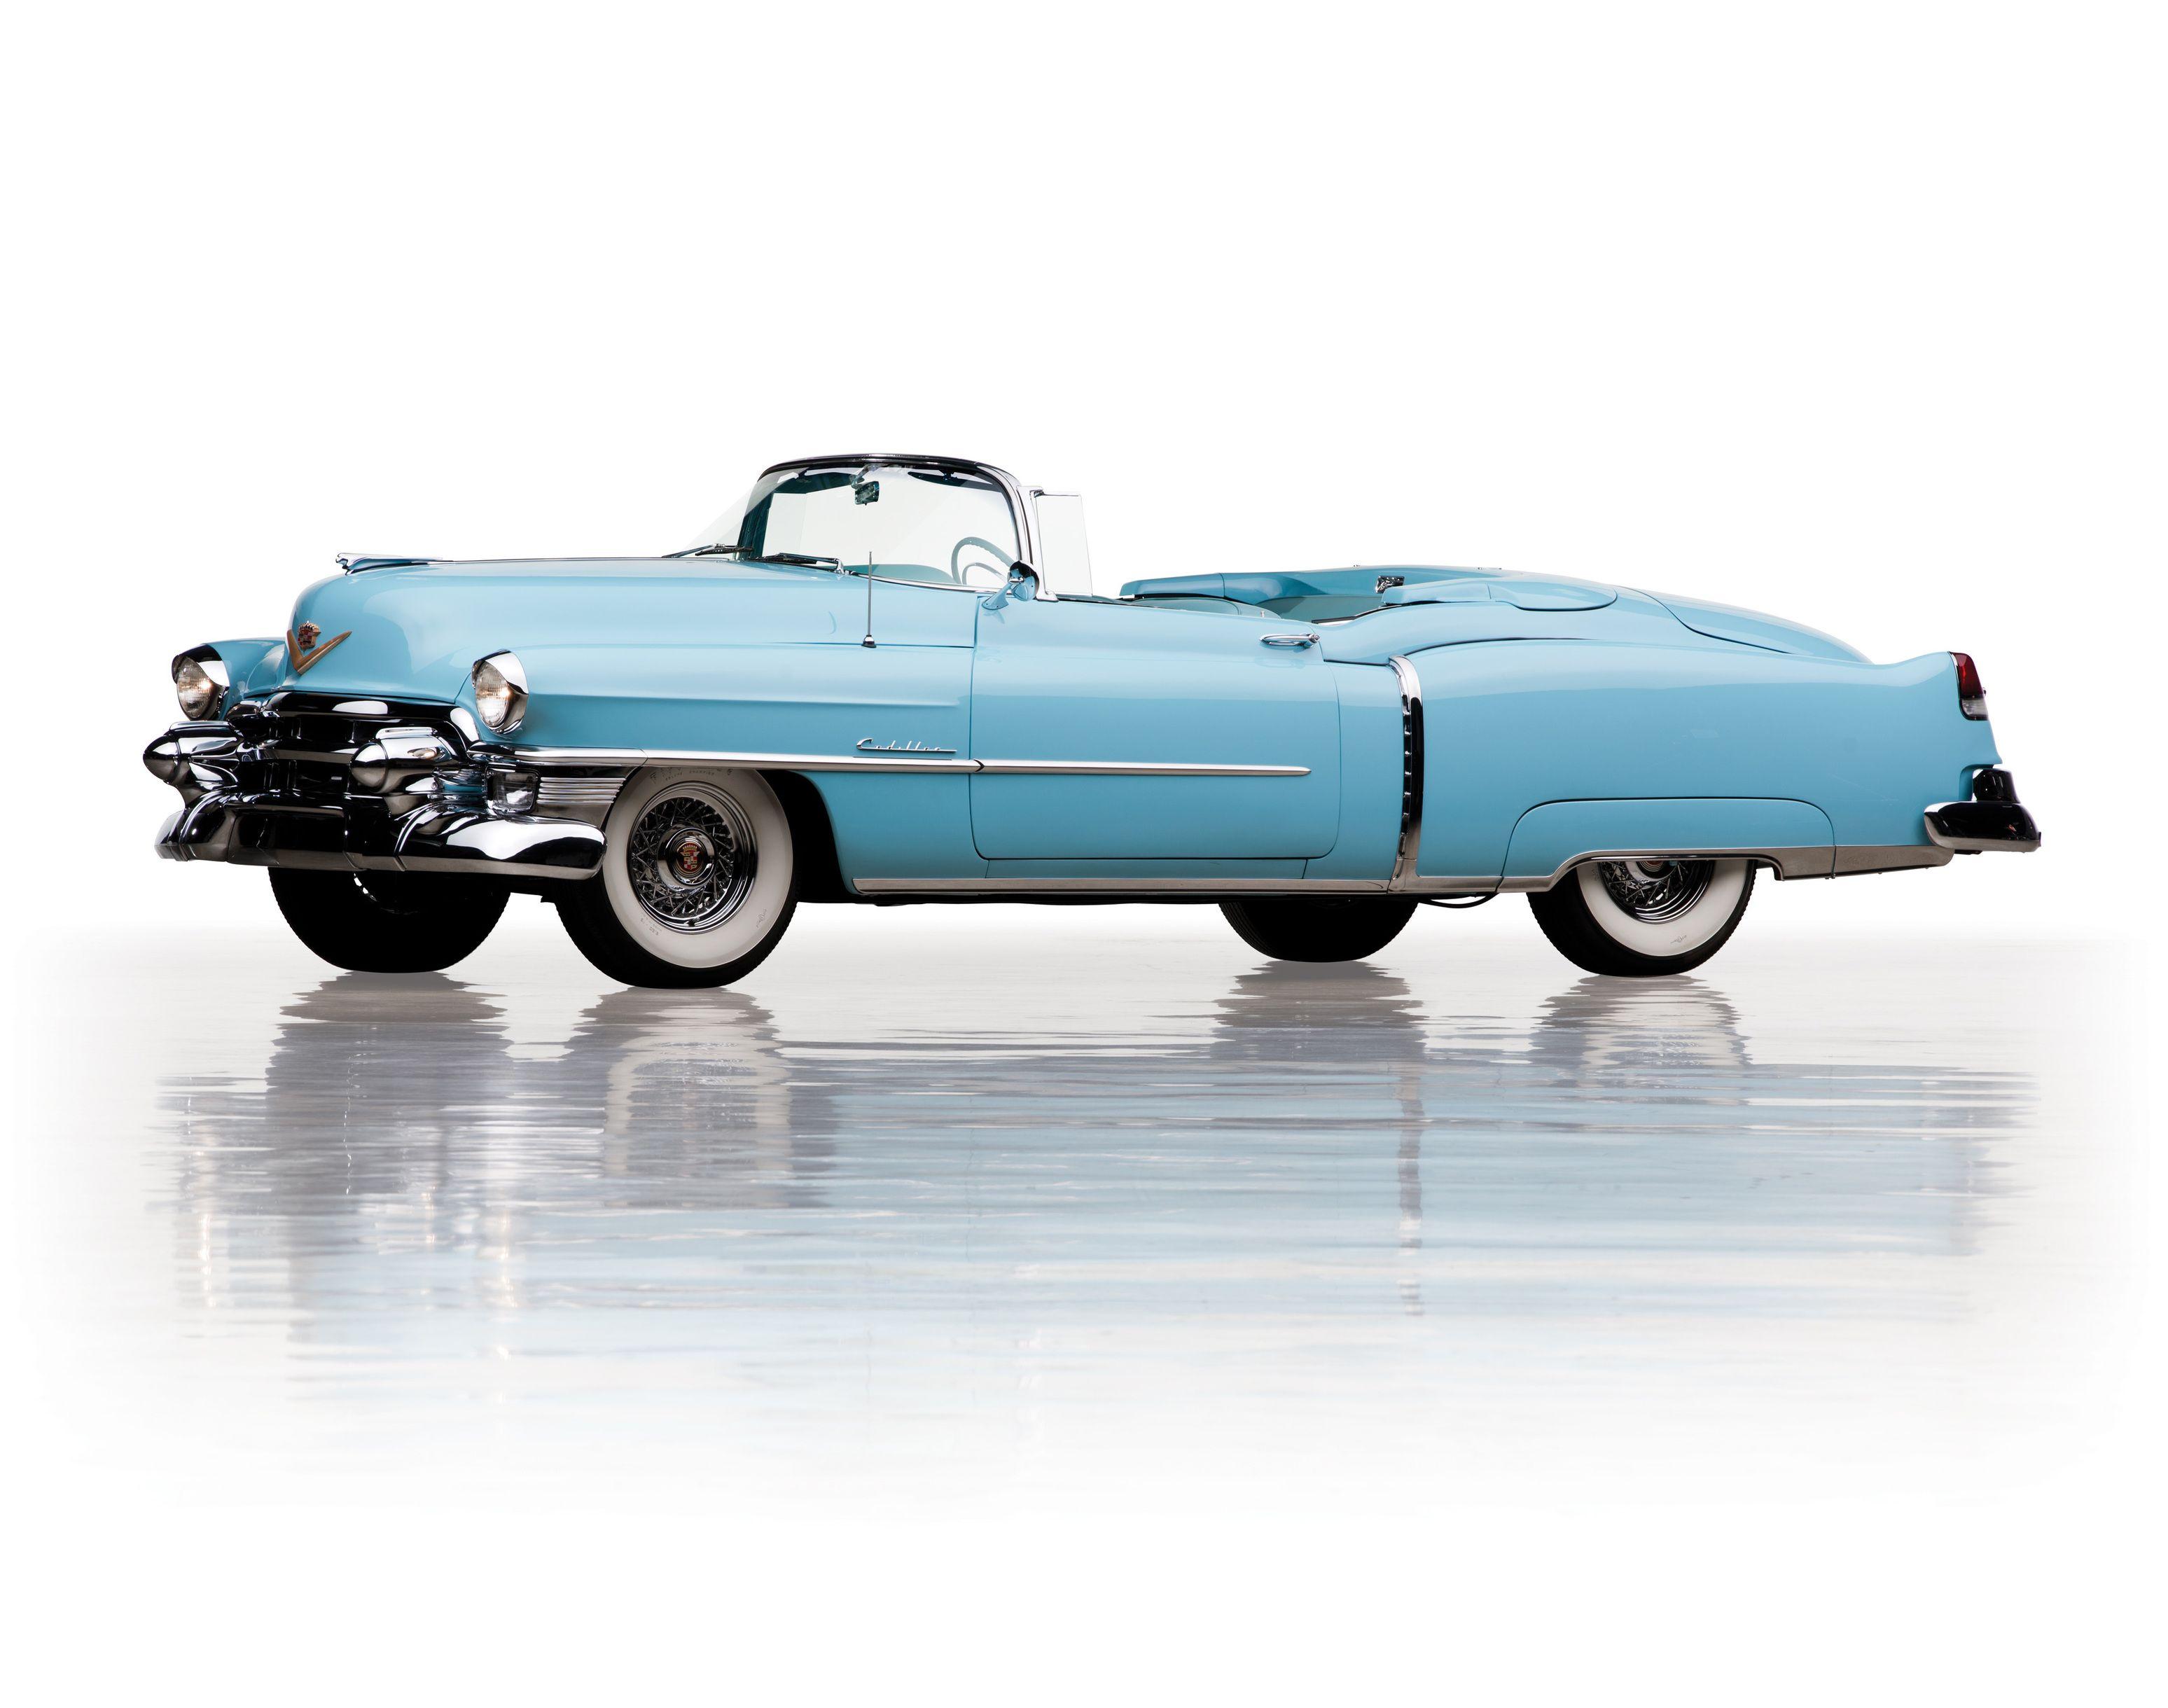 1953 Cadillac Eldorado | Automobiles | Pinterest | Cadillac eldorado ...